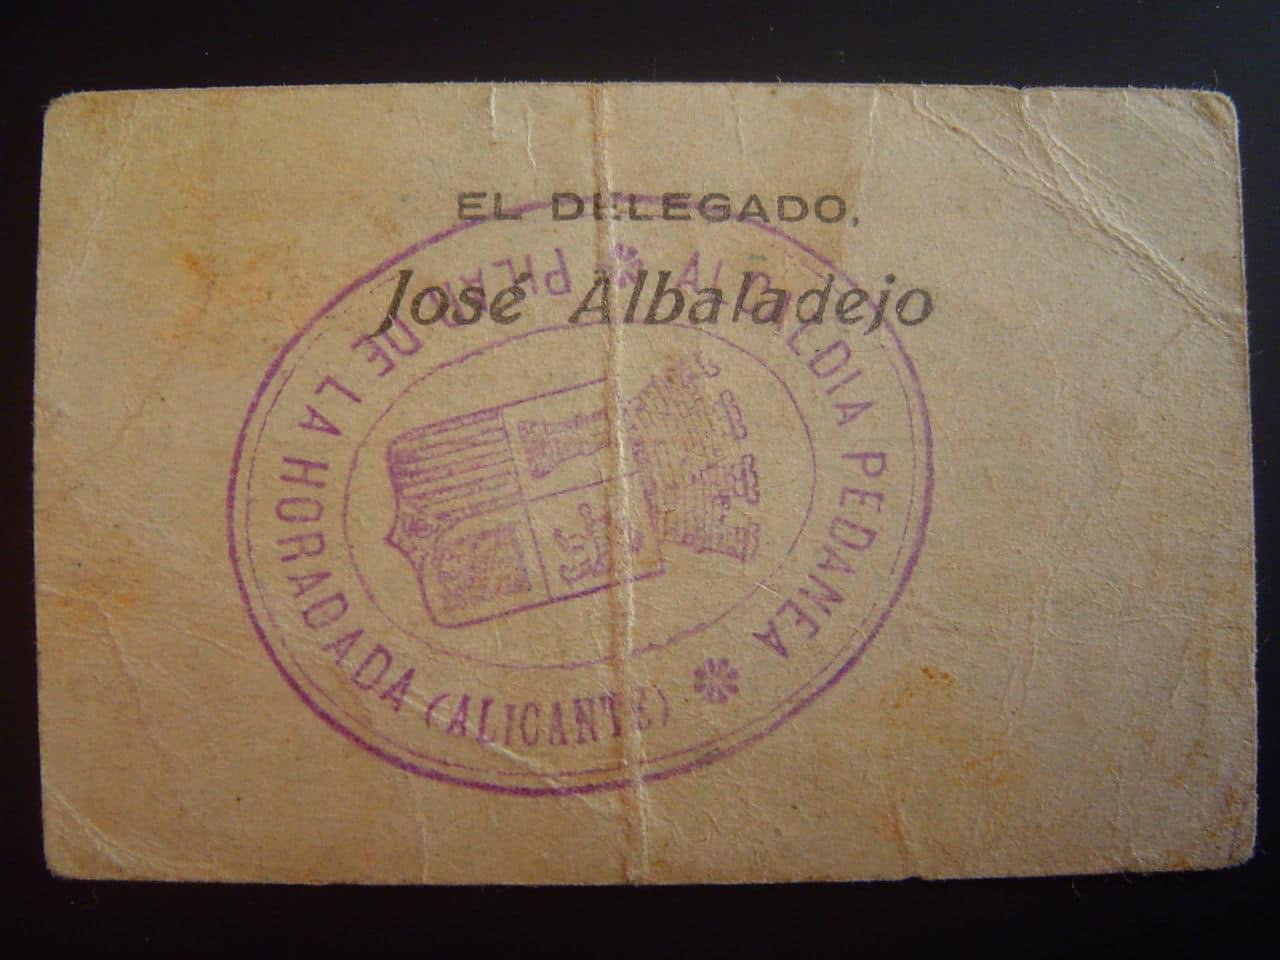 25 centimos Pilar de la Horadada (Alicante) 1ª emision DSC04346